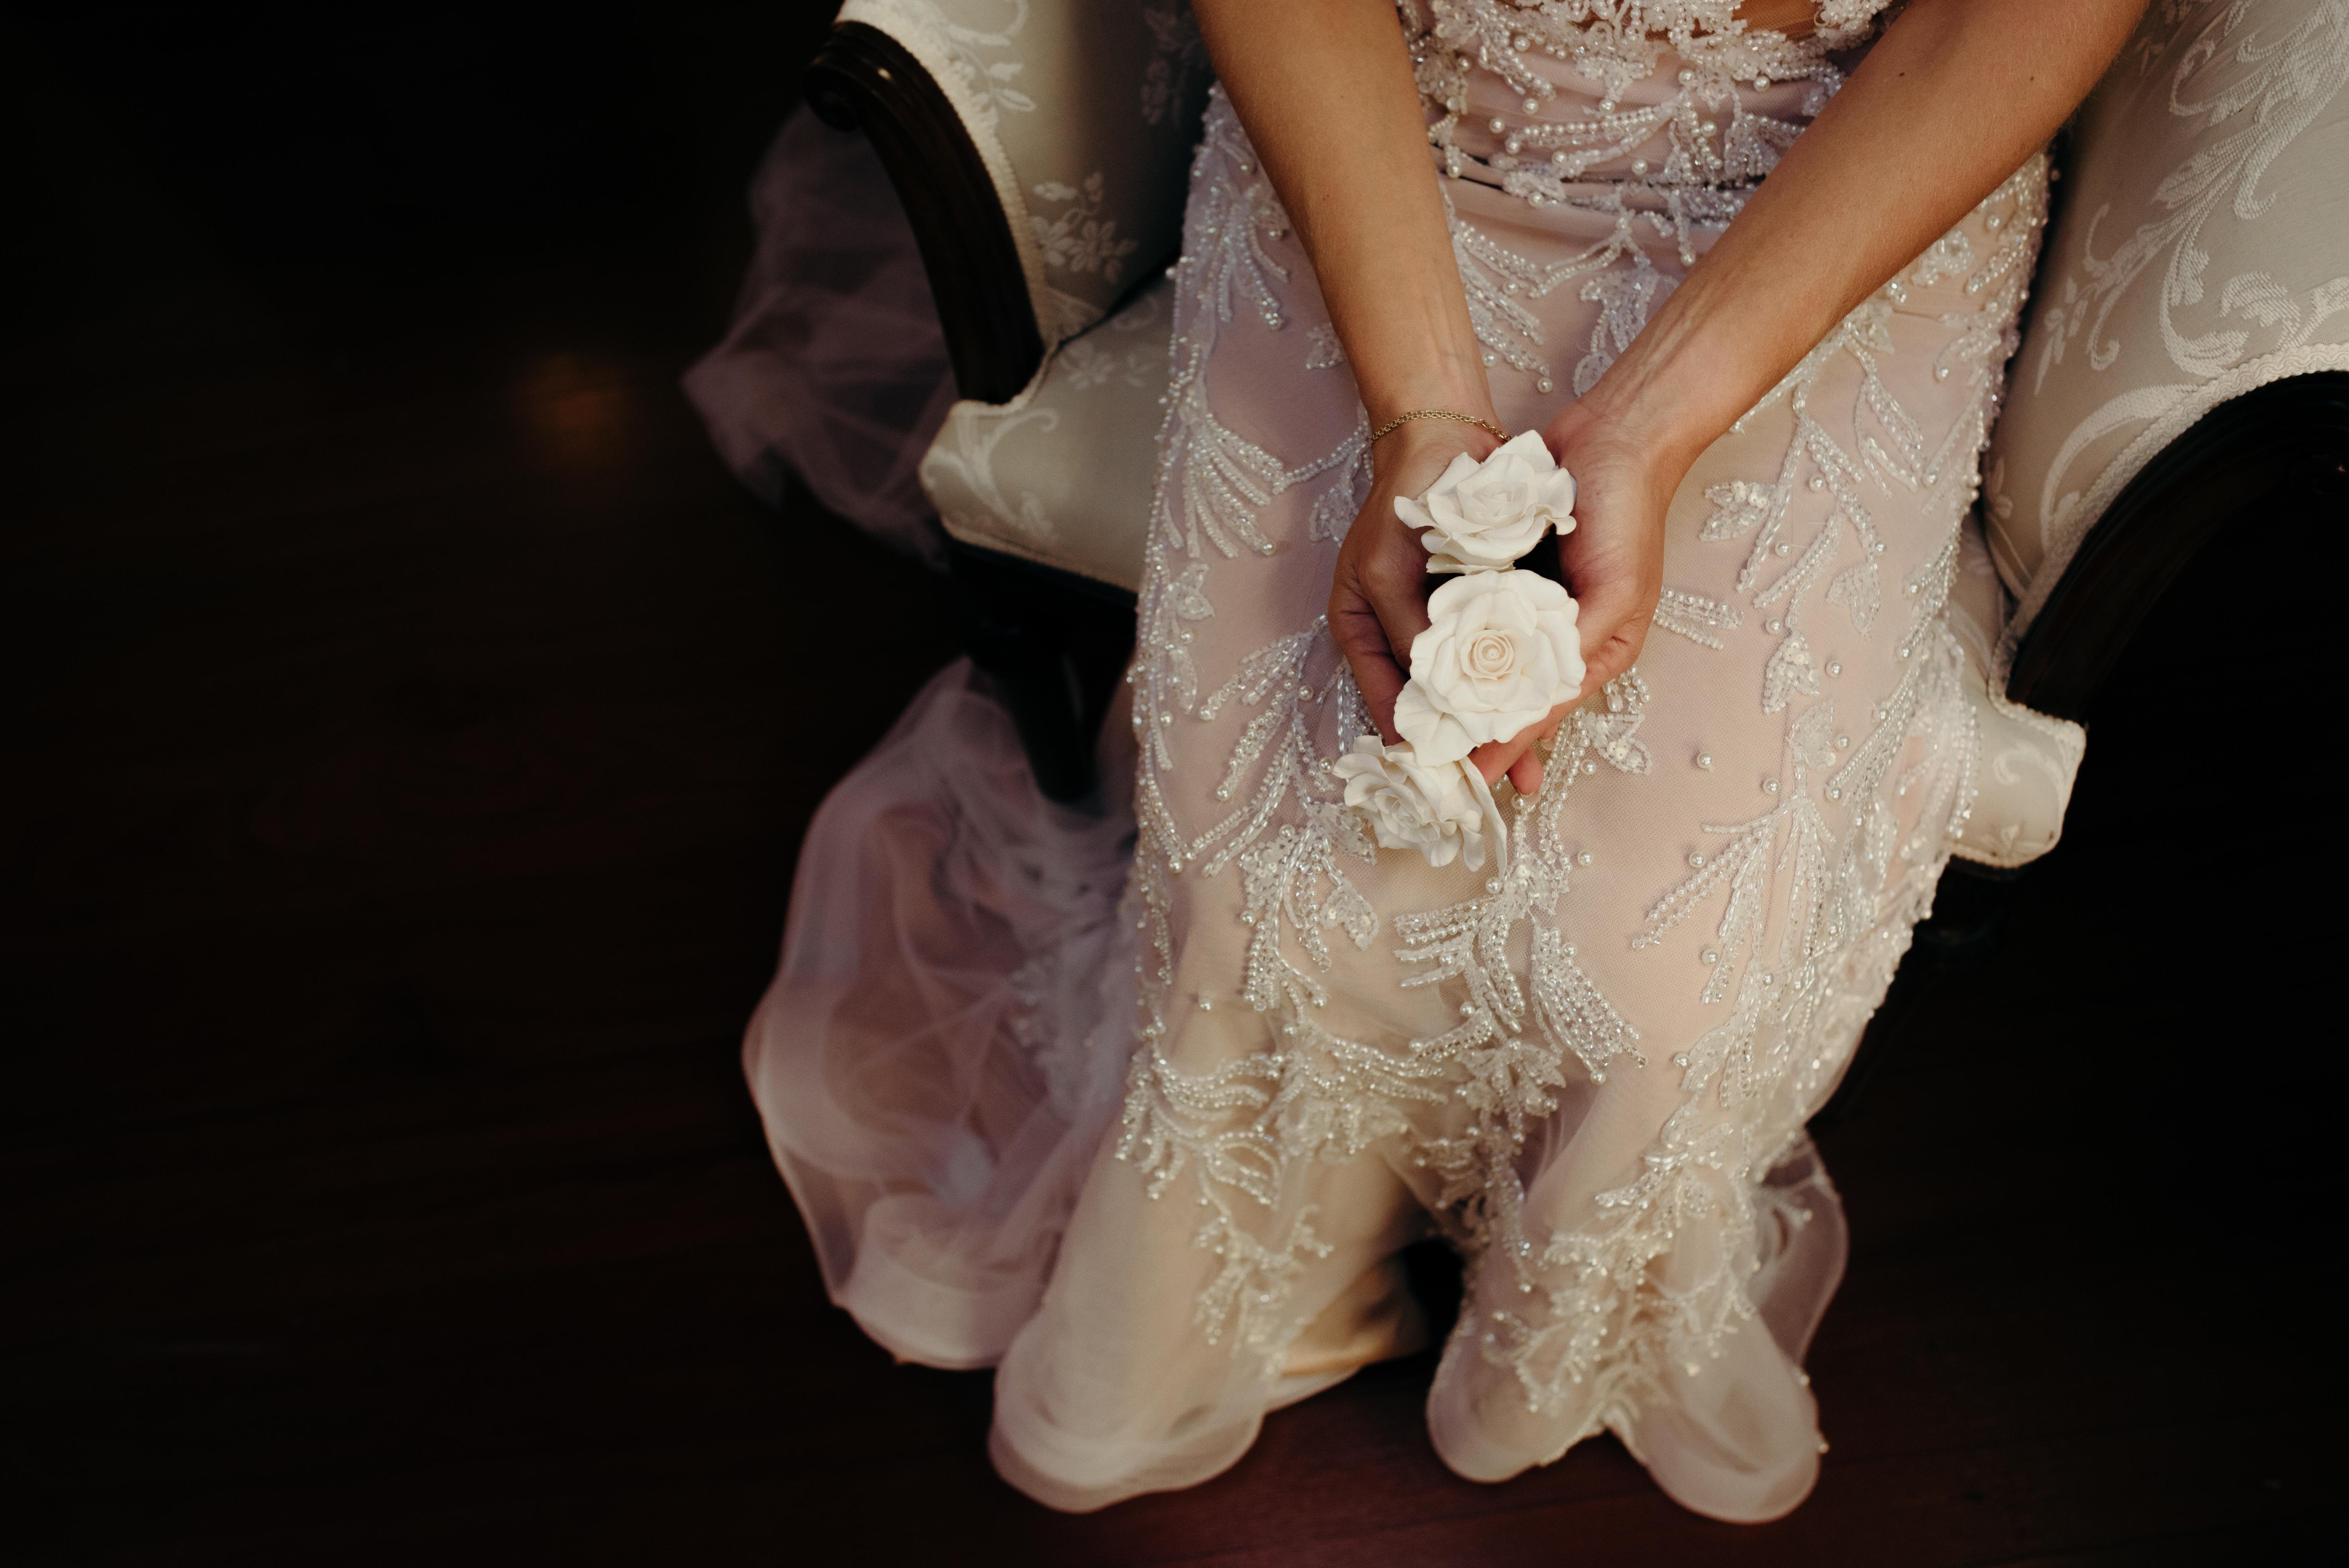 Contate Camilla Bandeira | Fotografia de Casamento e Família em Natal RN